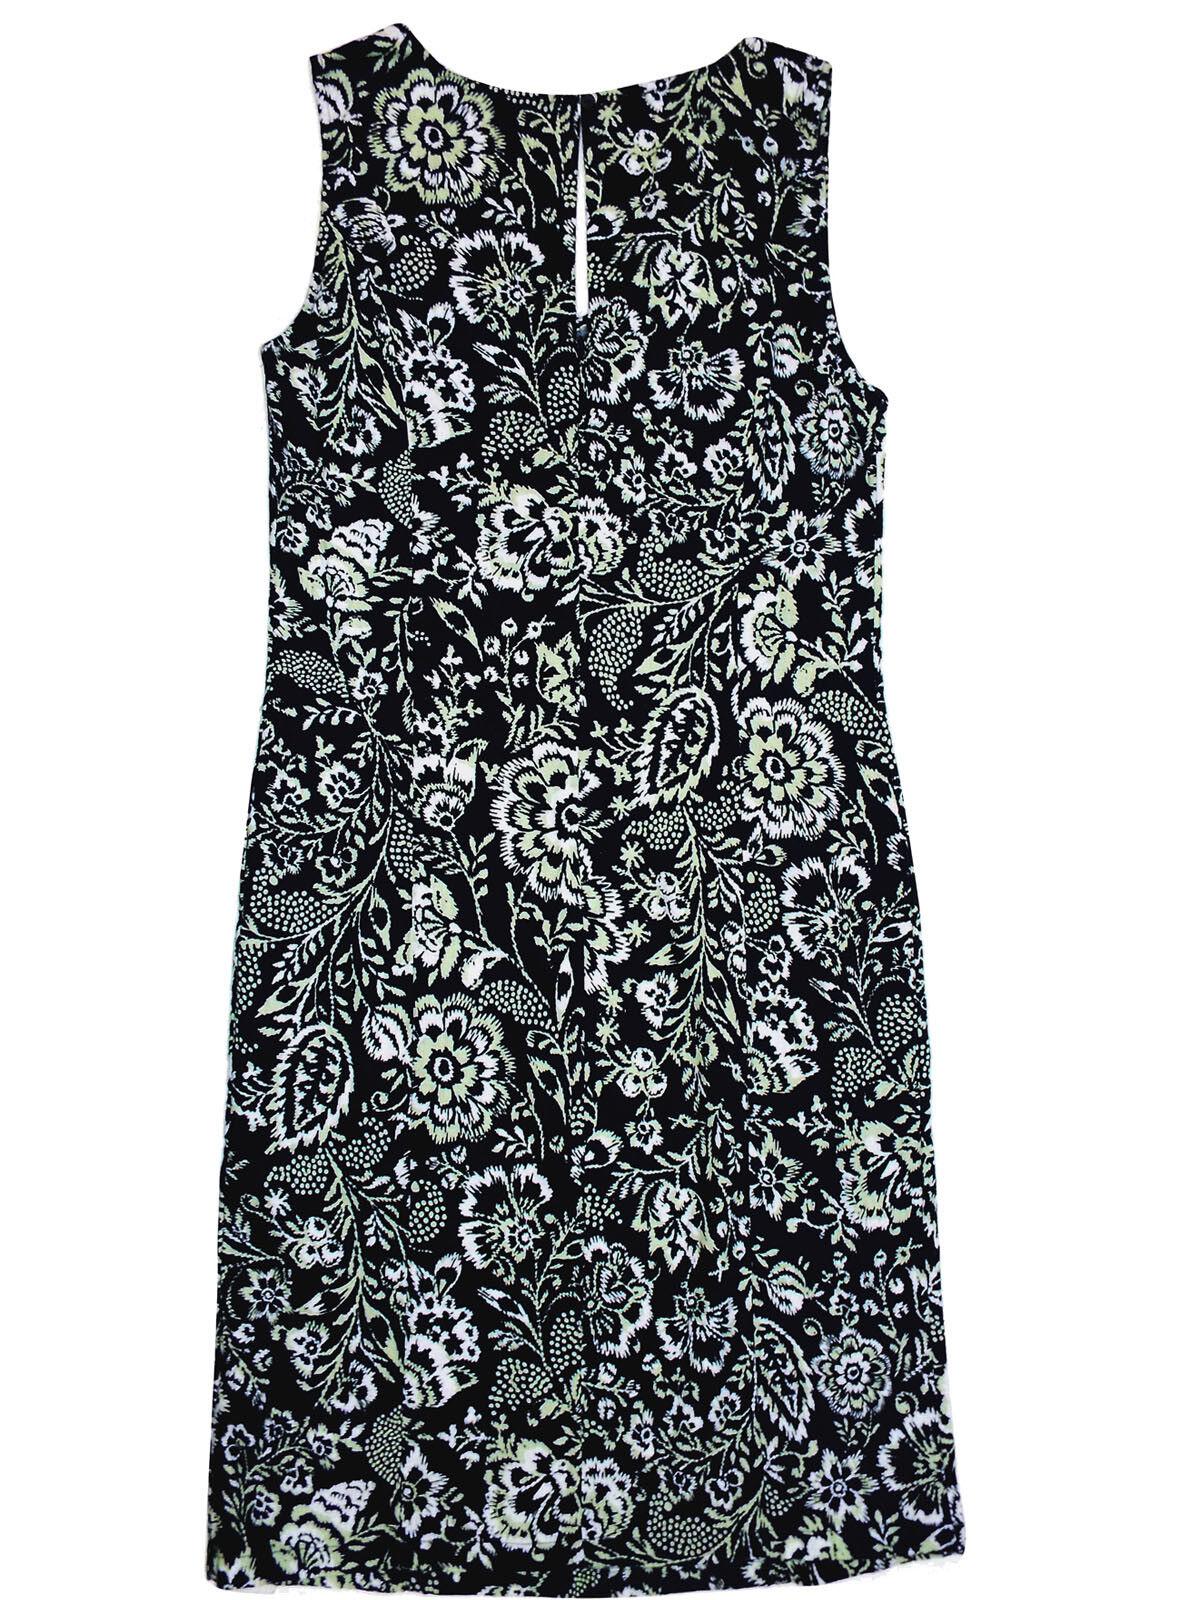 NEW Ex M&S Linen Blue Green Floral Sleeveless Summer Shift Dress Size 8 - 22